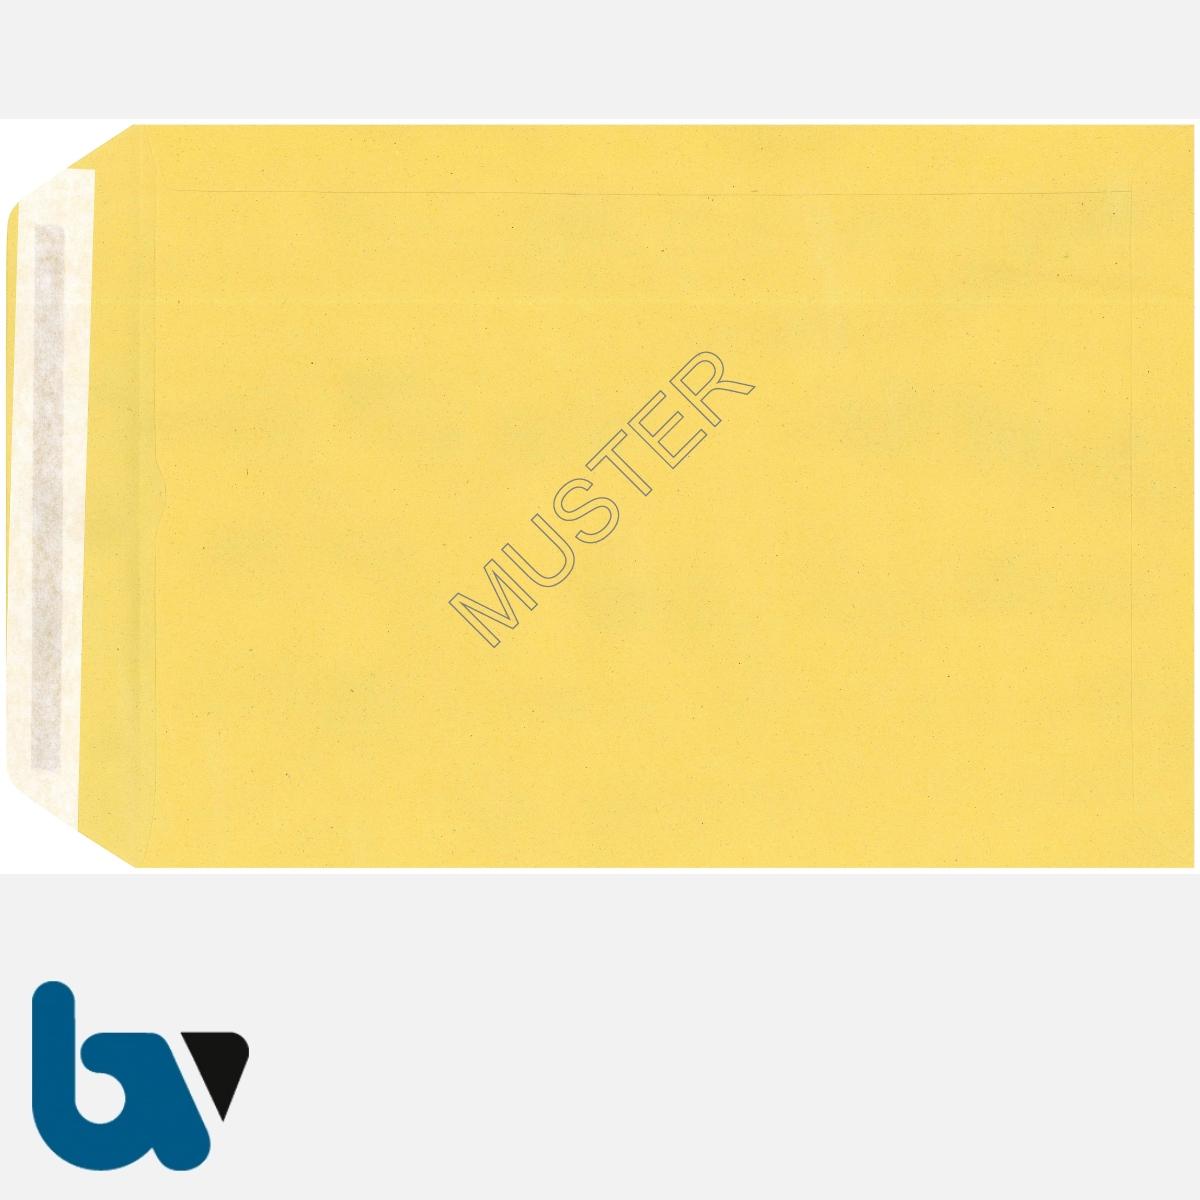 0/102-3 Postzustellungsauftrag - Äußerer Umschlag, DIN B4, ohne Fenster, haftklebend, Rückseite | Borgard Verlag GmbH